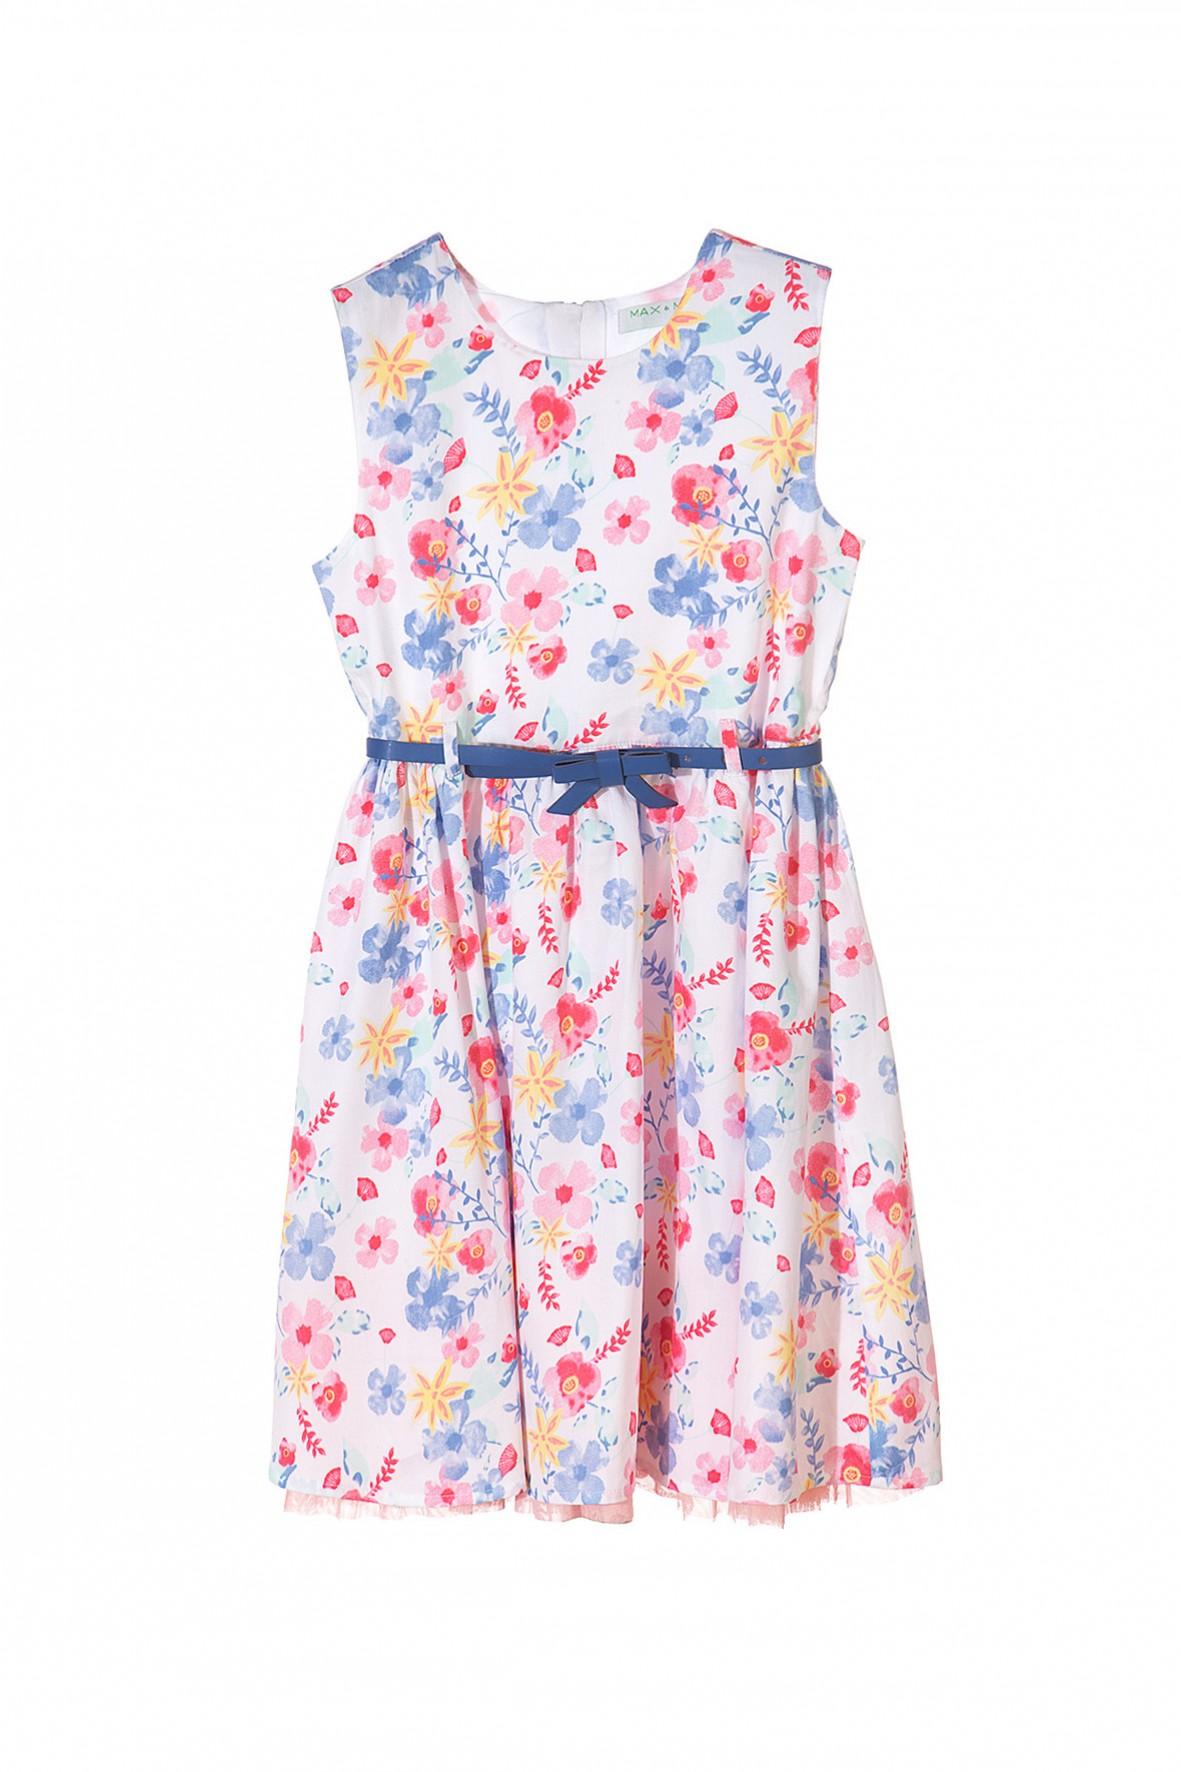 15bdc06432 Elegancka sukienka w kwiaty dla dziewczynki- ubranie na specjalne okazje